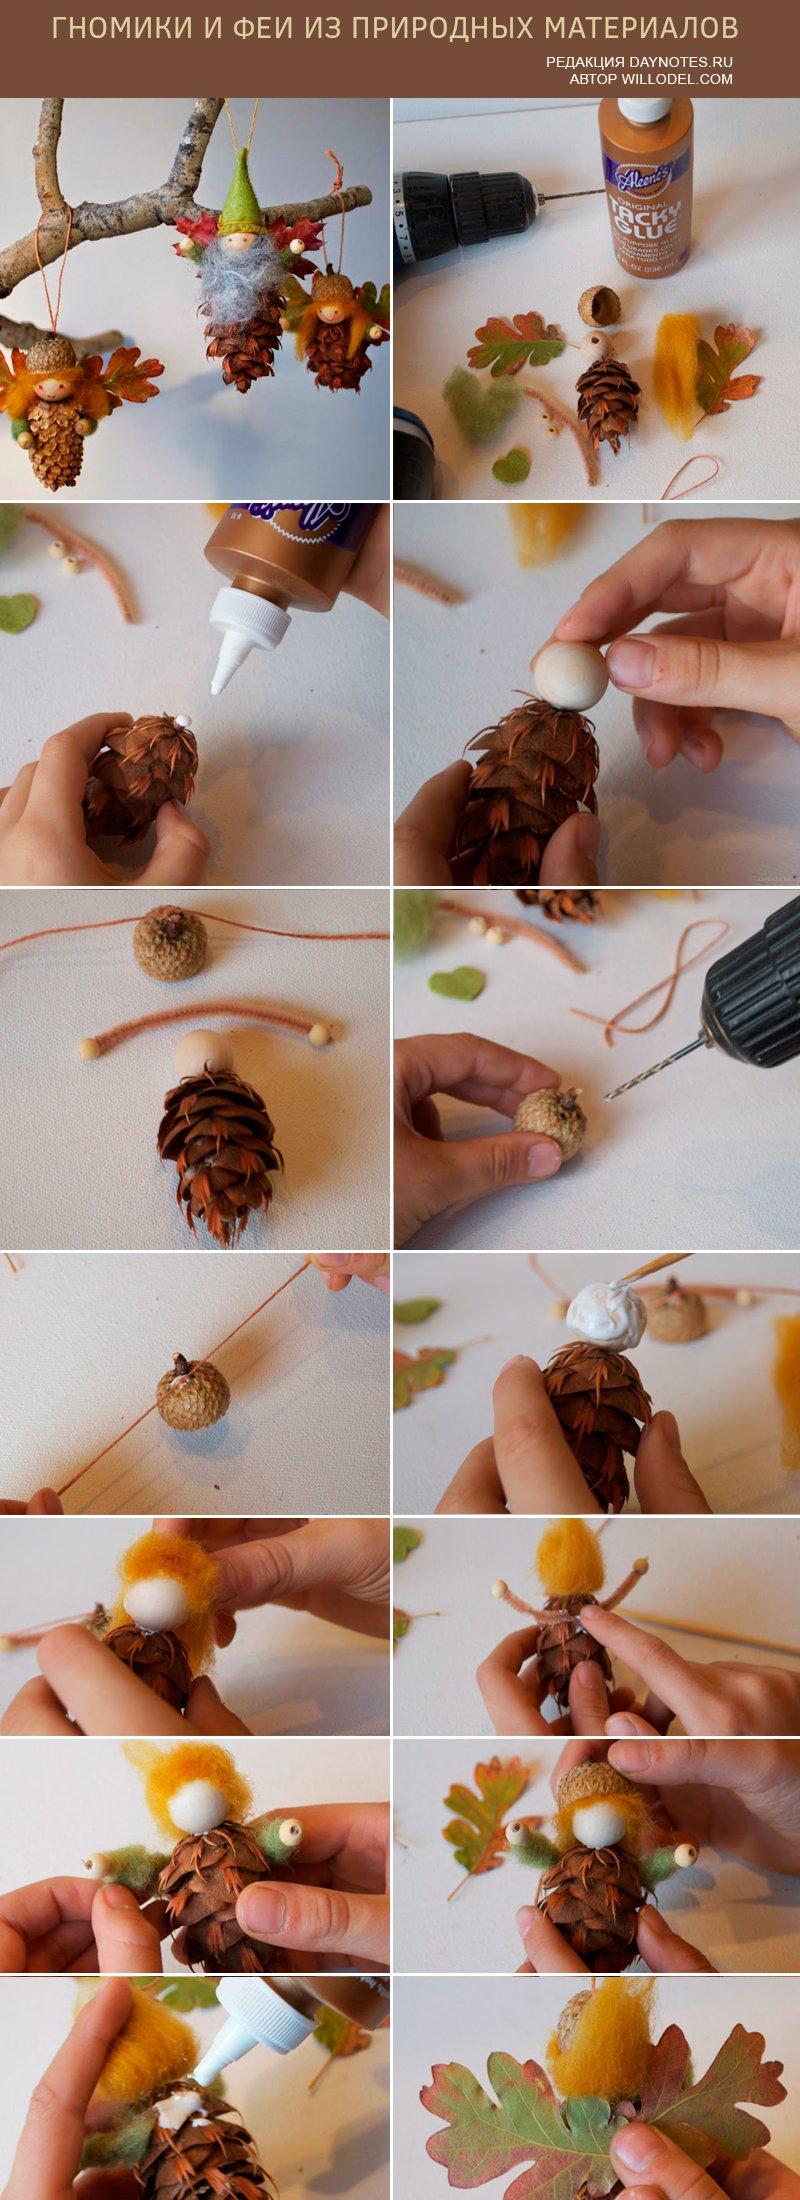 как сделать фею из листьев